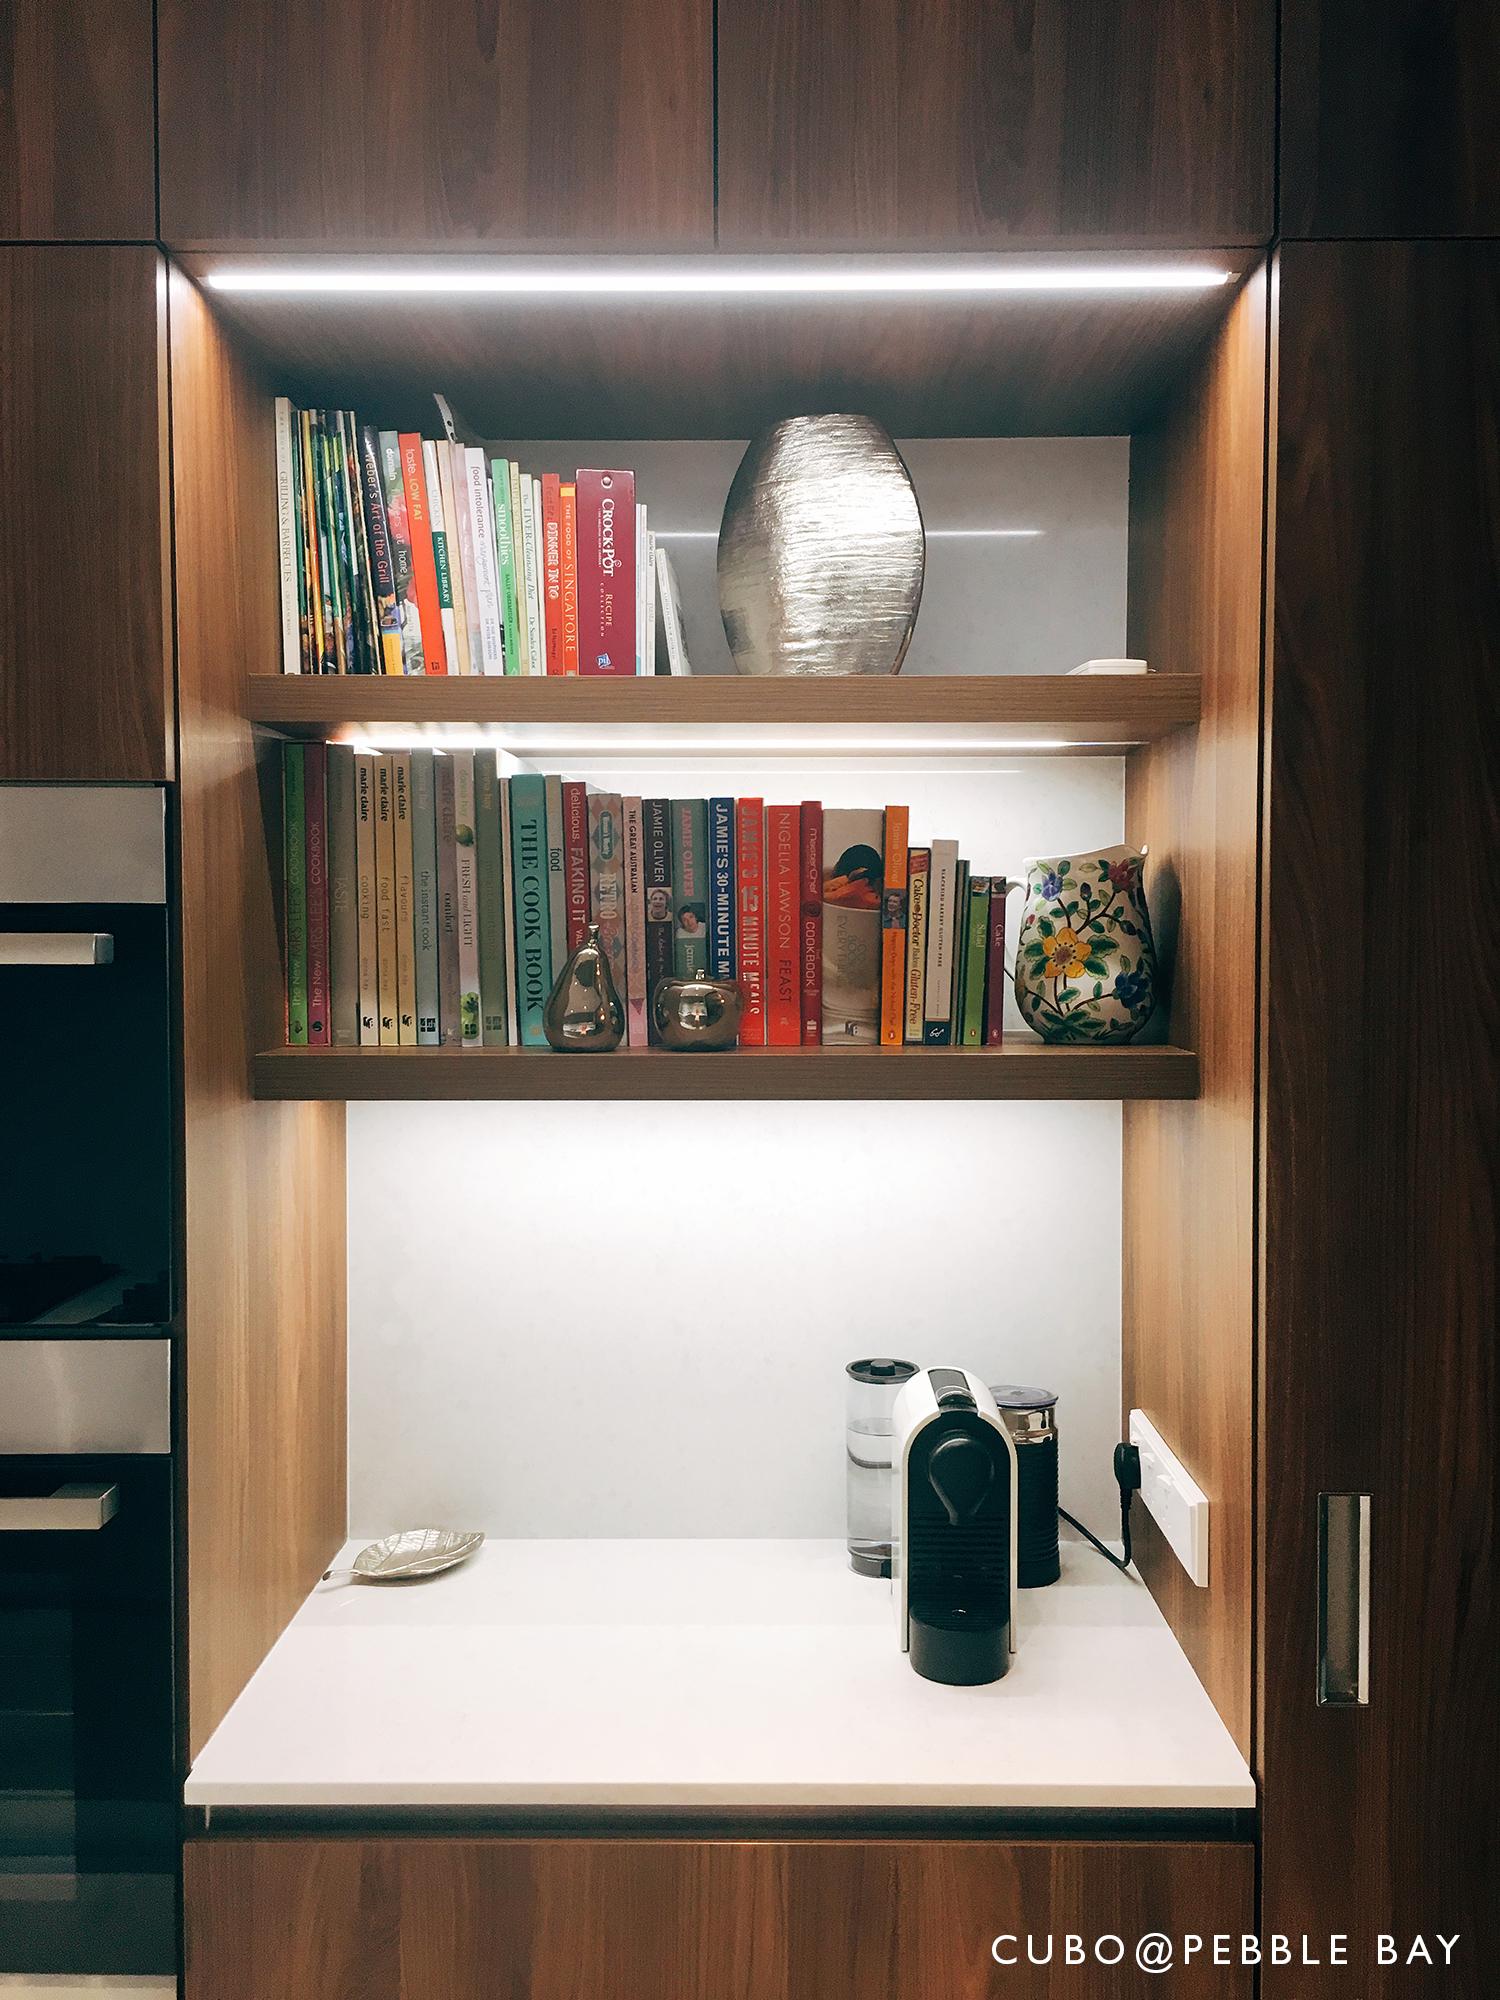 Pebblebay Book Shelf IMG_3546.jpg